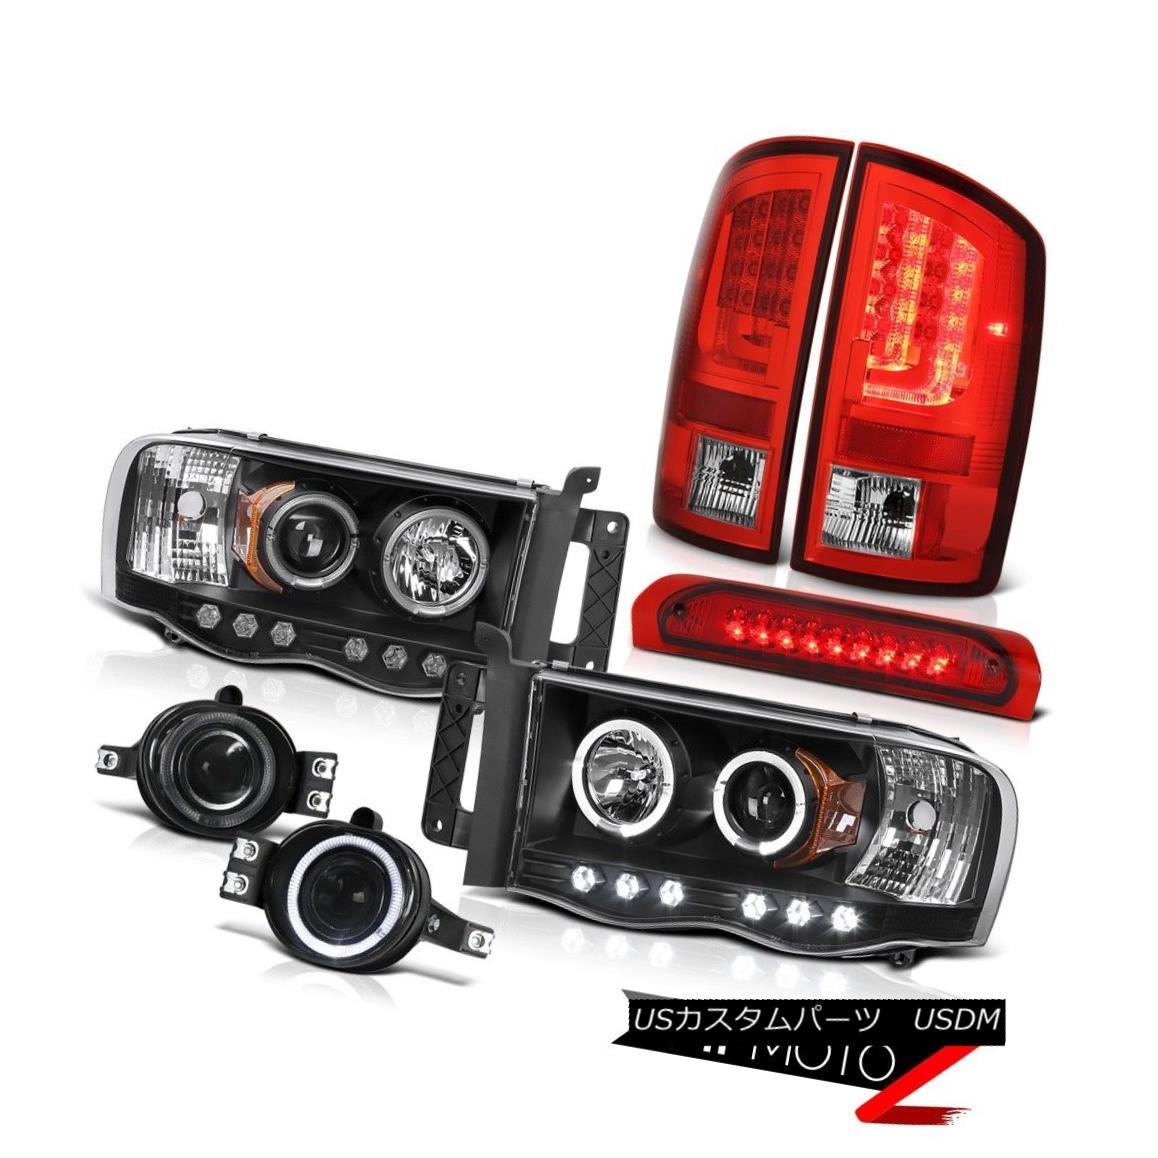 テールライト 2003-2005 Dodge Ram 1500 3.7L Rear Brake Lamps Headlamps Fog Roof Cab Light LED 2003-2005 Dodge Ram 1500 3.7LリアブレーキランプヘッドランプフォグルーフキャブライトLED